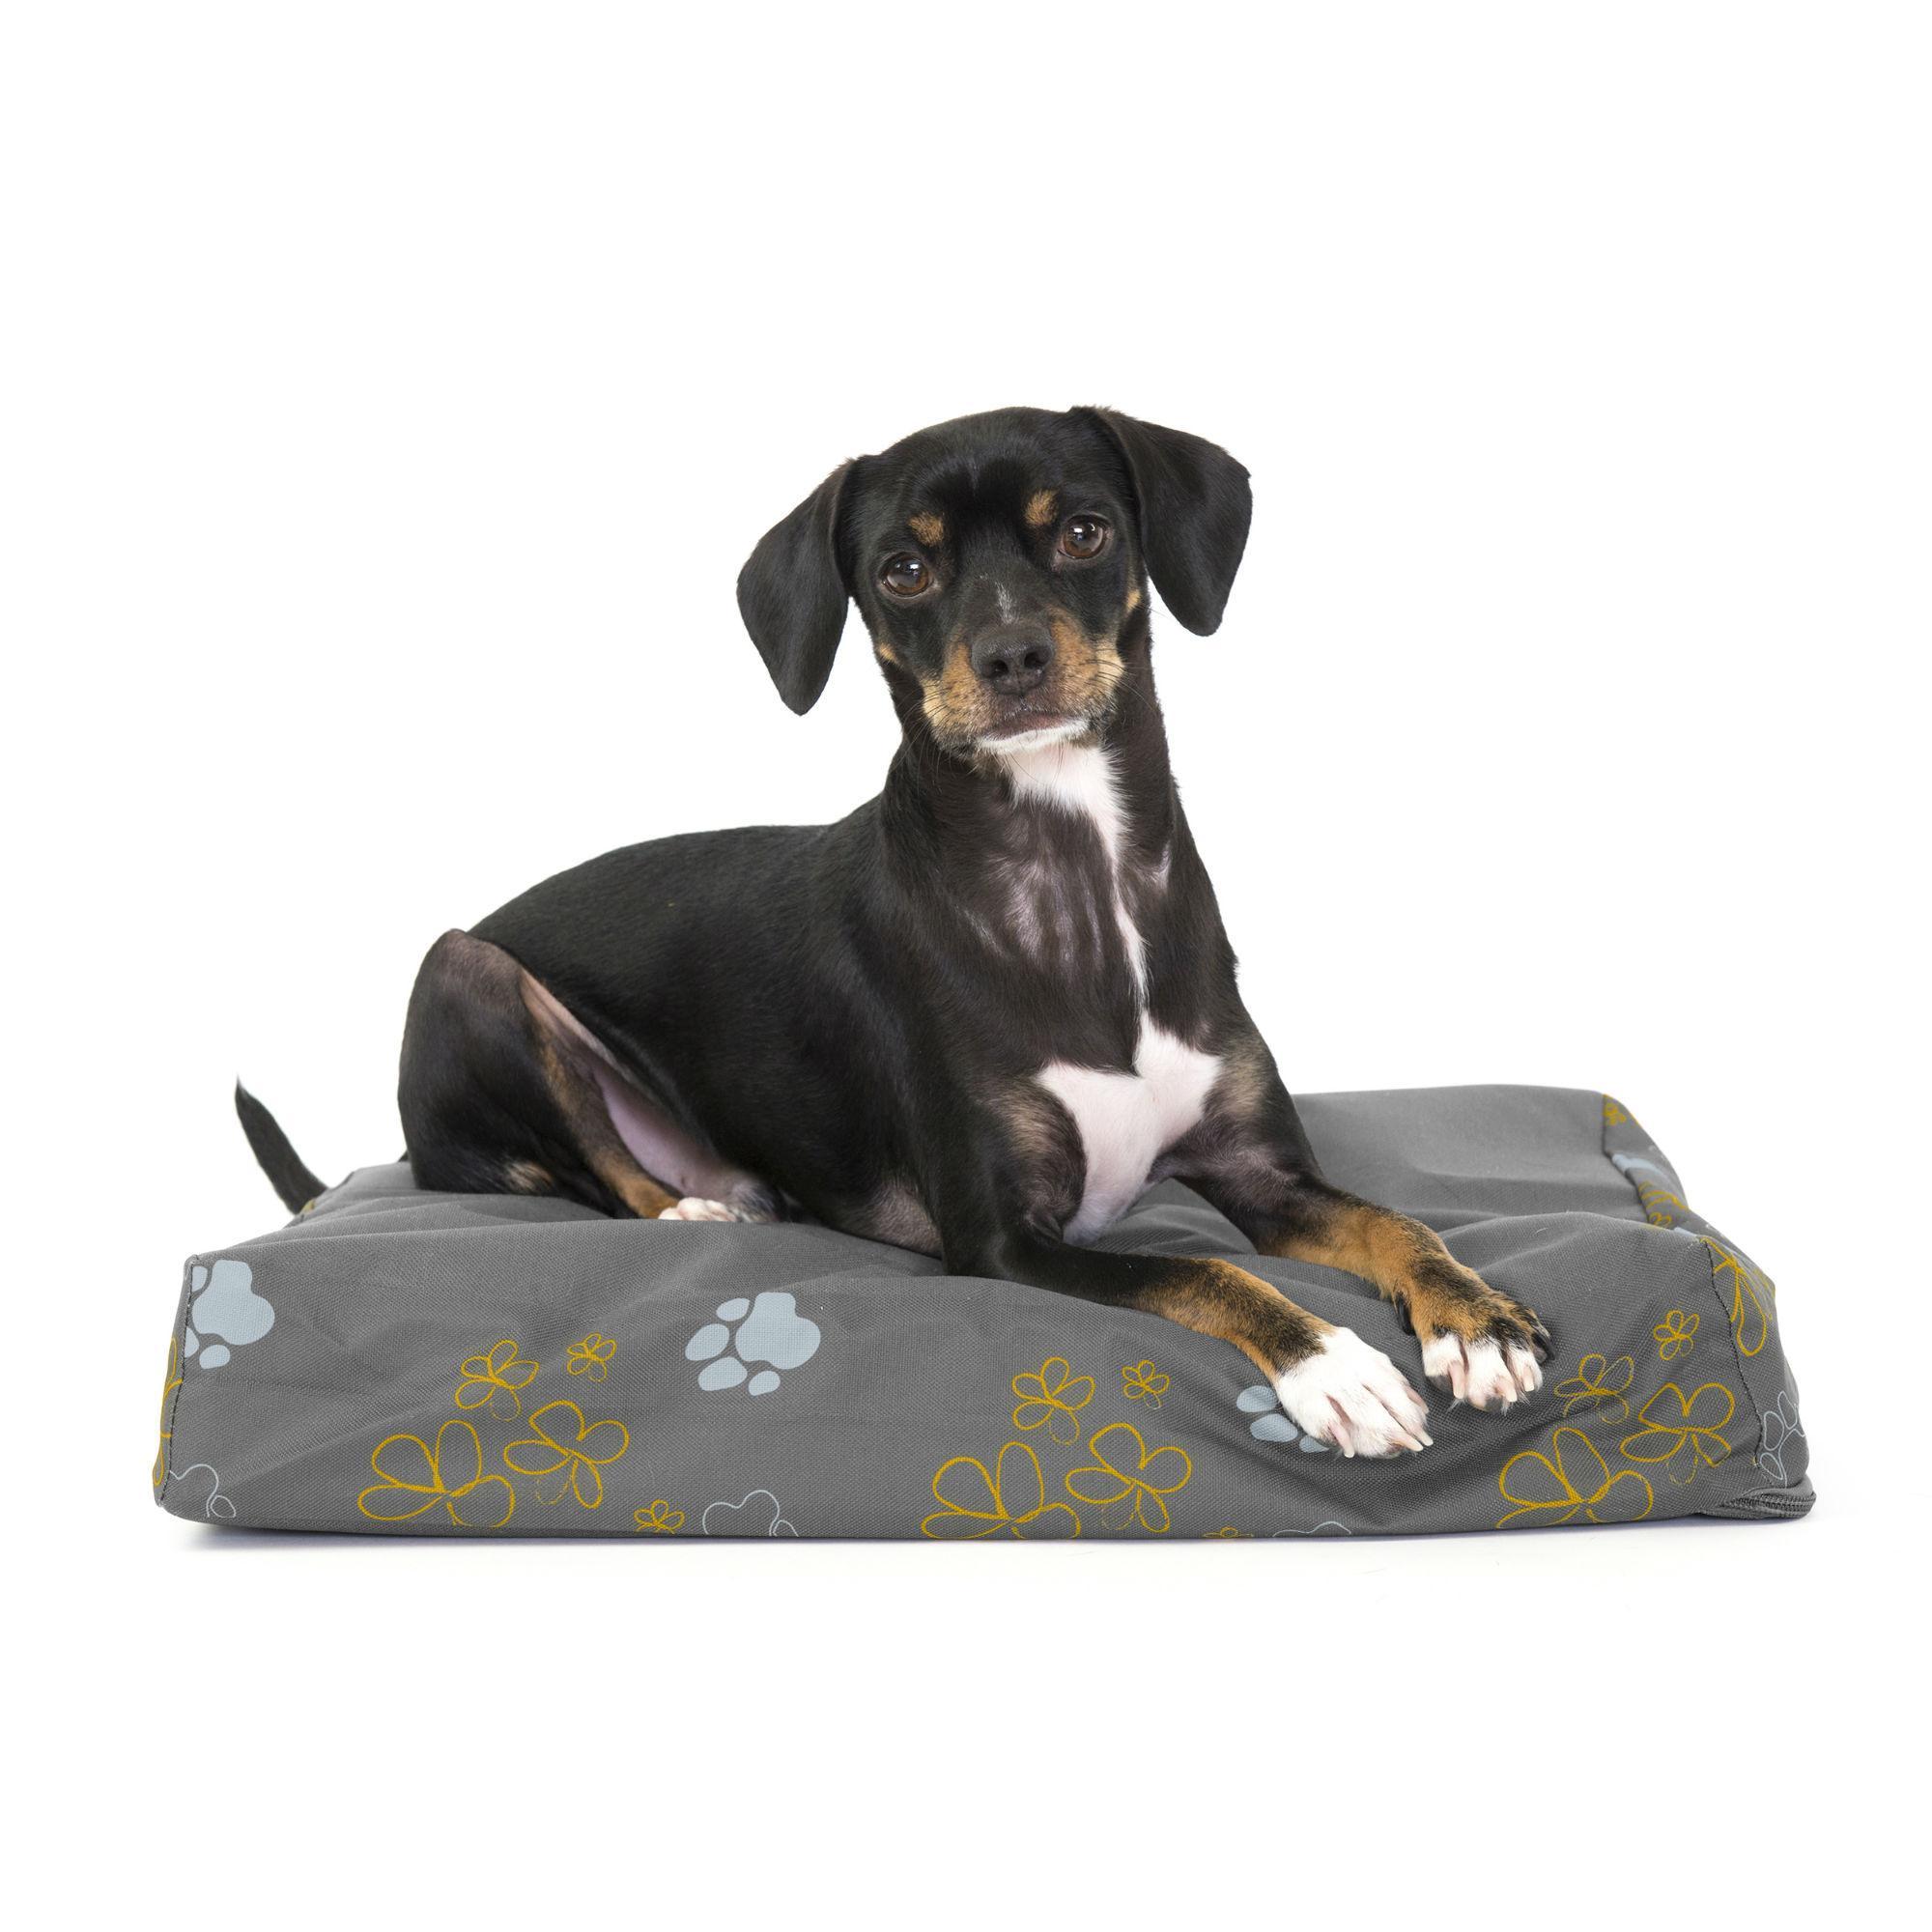 FurHaven Deluxe Indoor/Outdoor Garden Orthopedic Pet Bed - Iron Gate